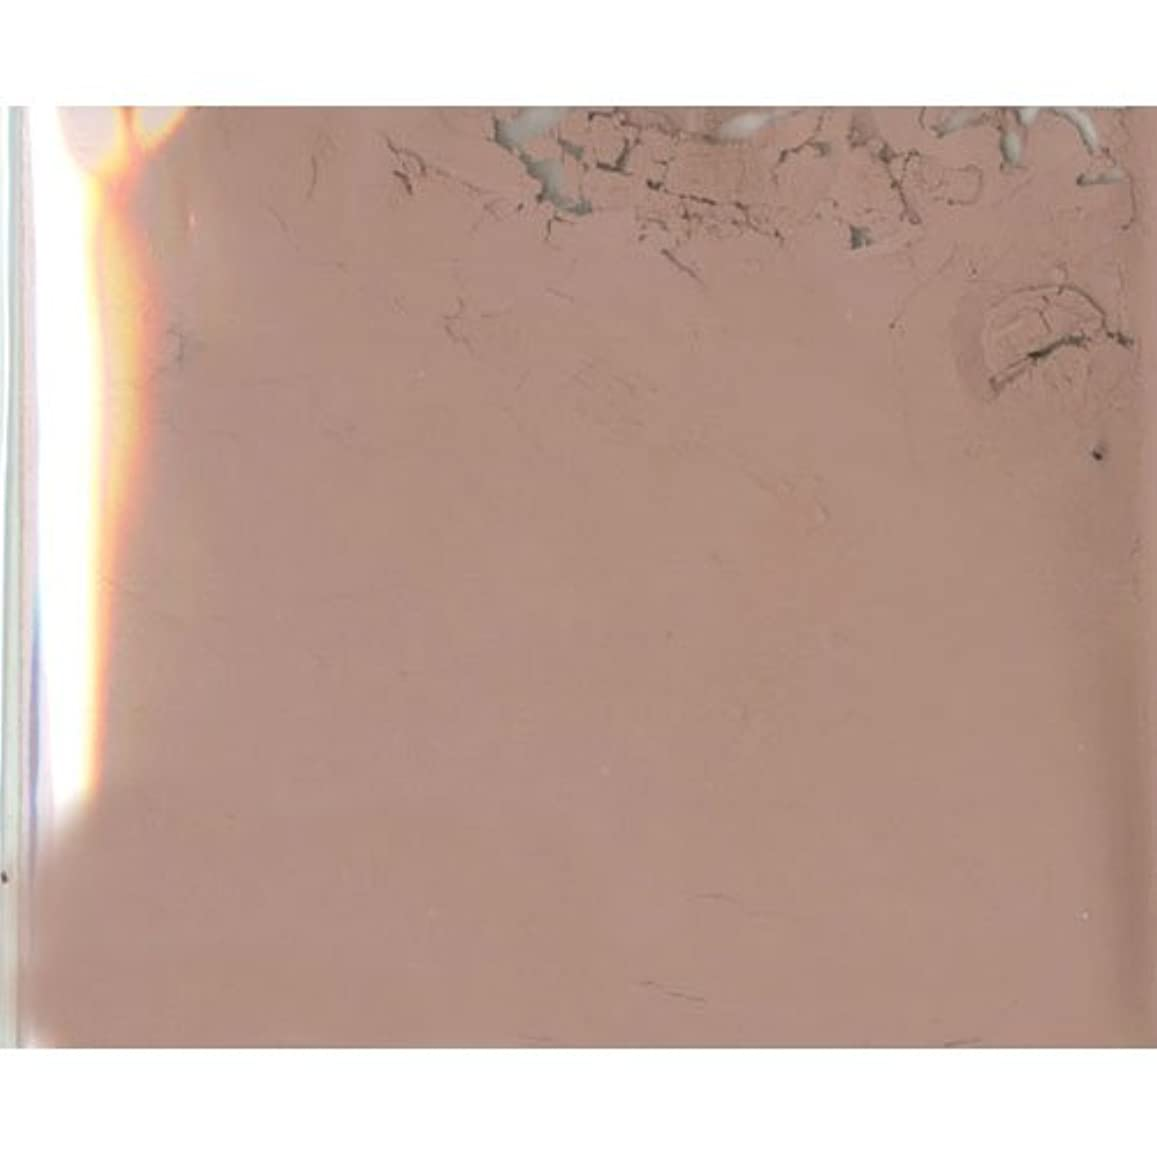 抑制するスーパー骨ピカエース ネイル用パウダー ピカエース カラーパウダー 透明顔料 #985 チョコレートブラウン 2g アート材